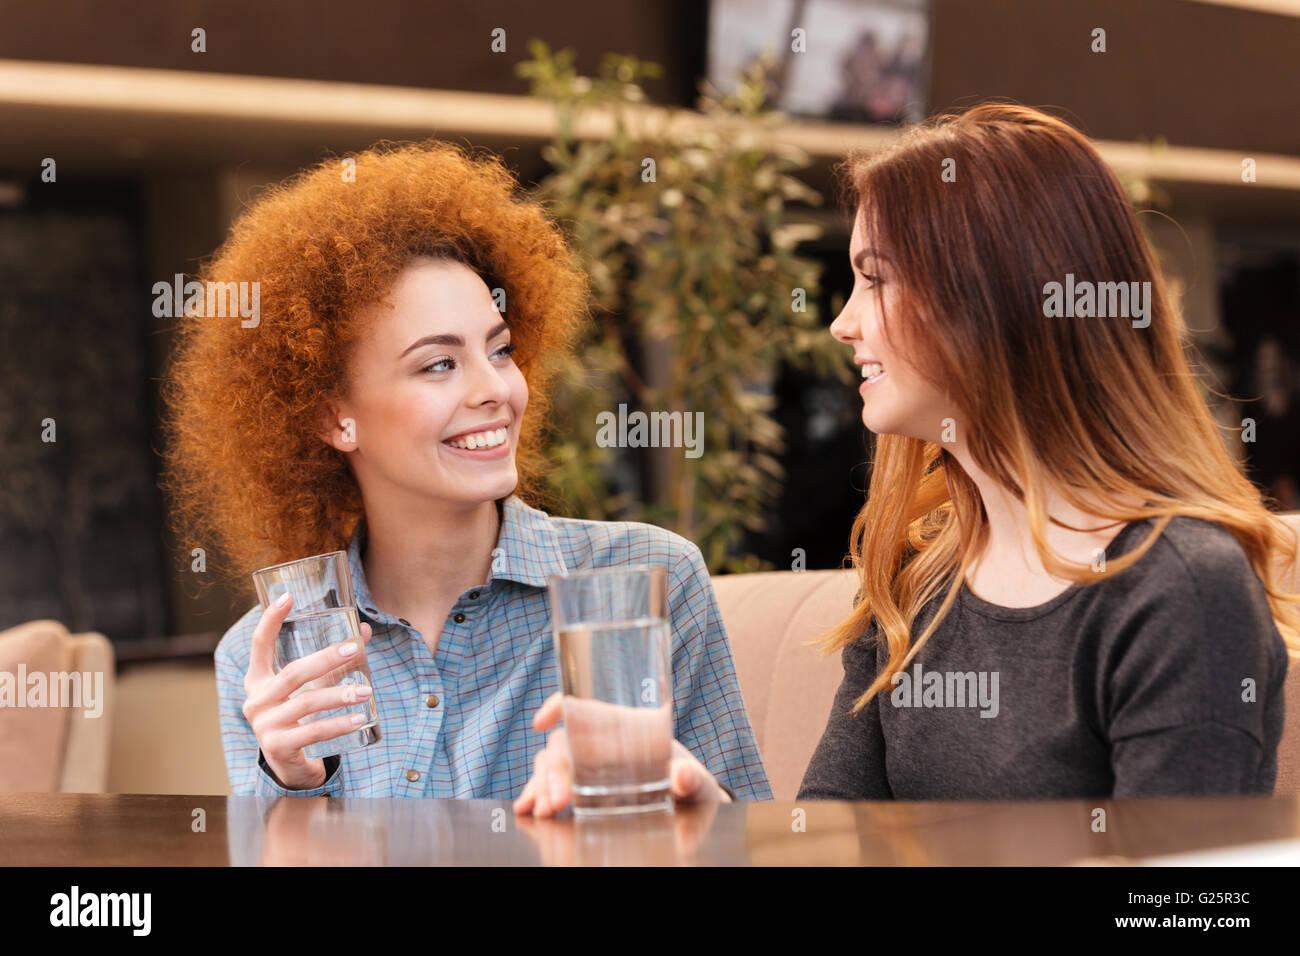 Deux jeunes femmes attrayantes happy smiling et l'eau potable de cafe Photo Stock